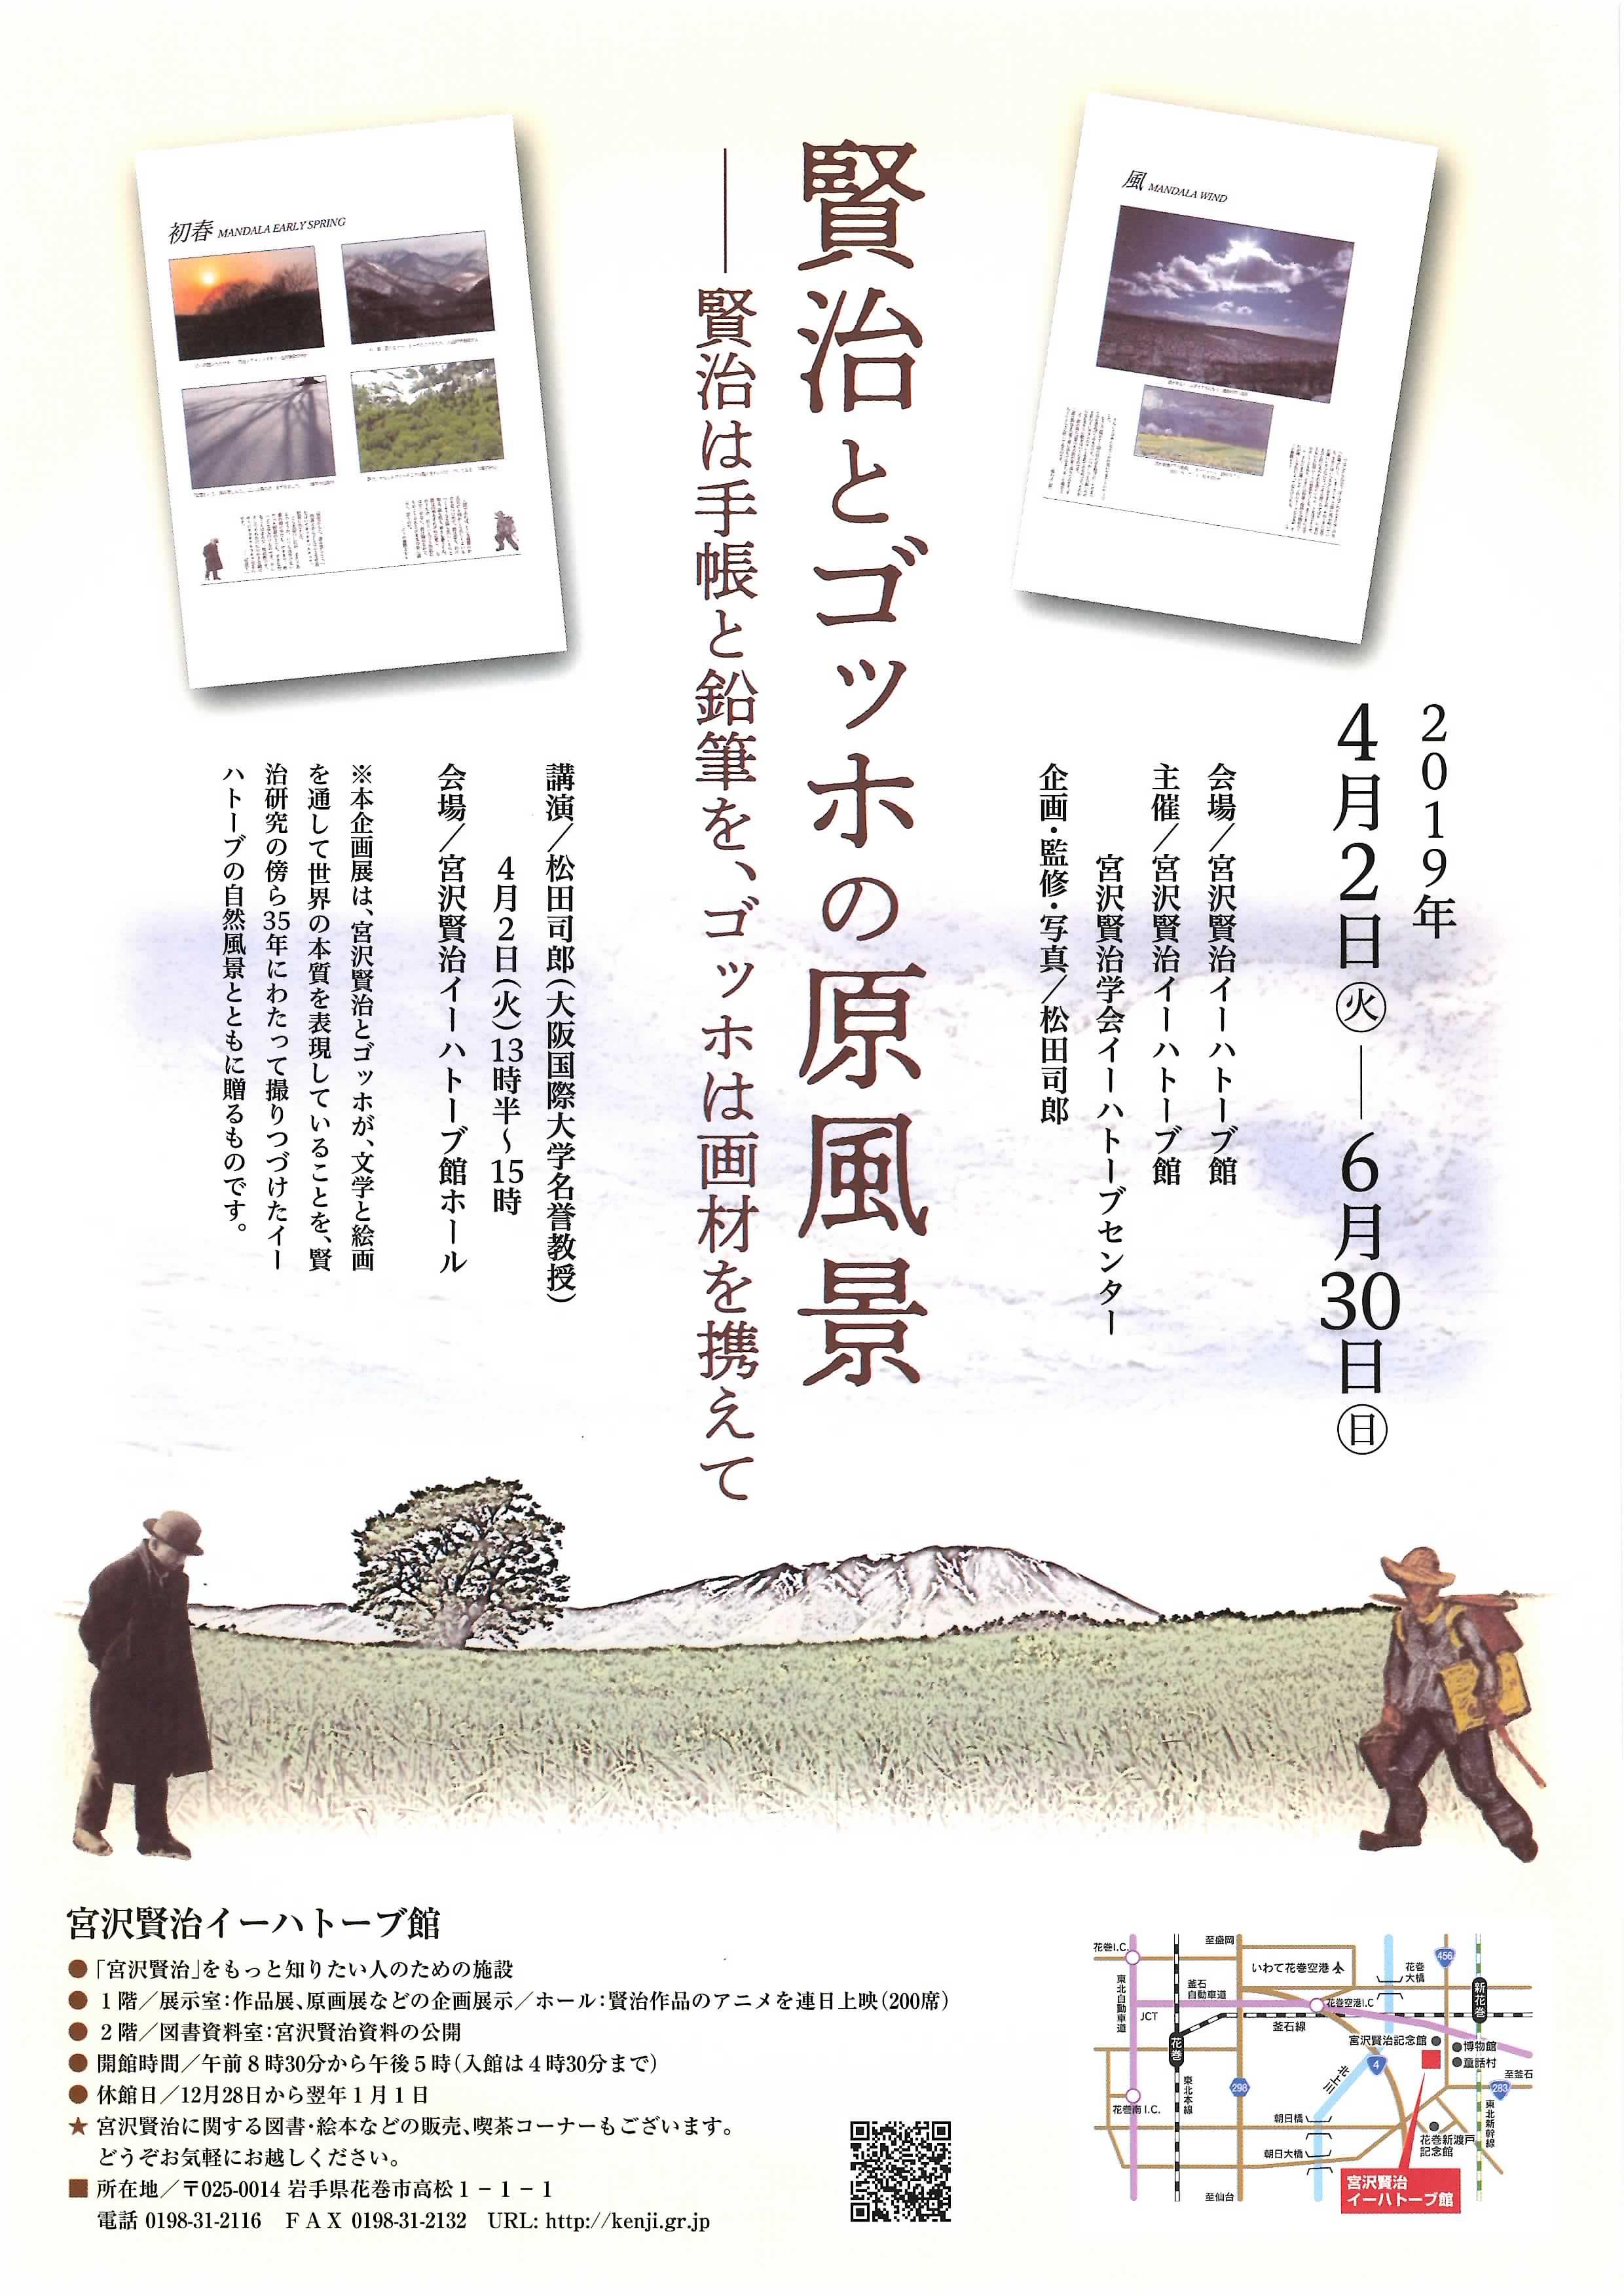 宮沢賢治イーハトーブ館企画展賢治とゴッホの原風景チラシ